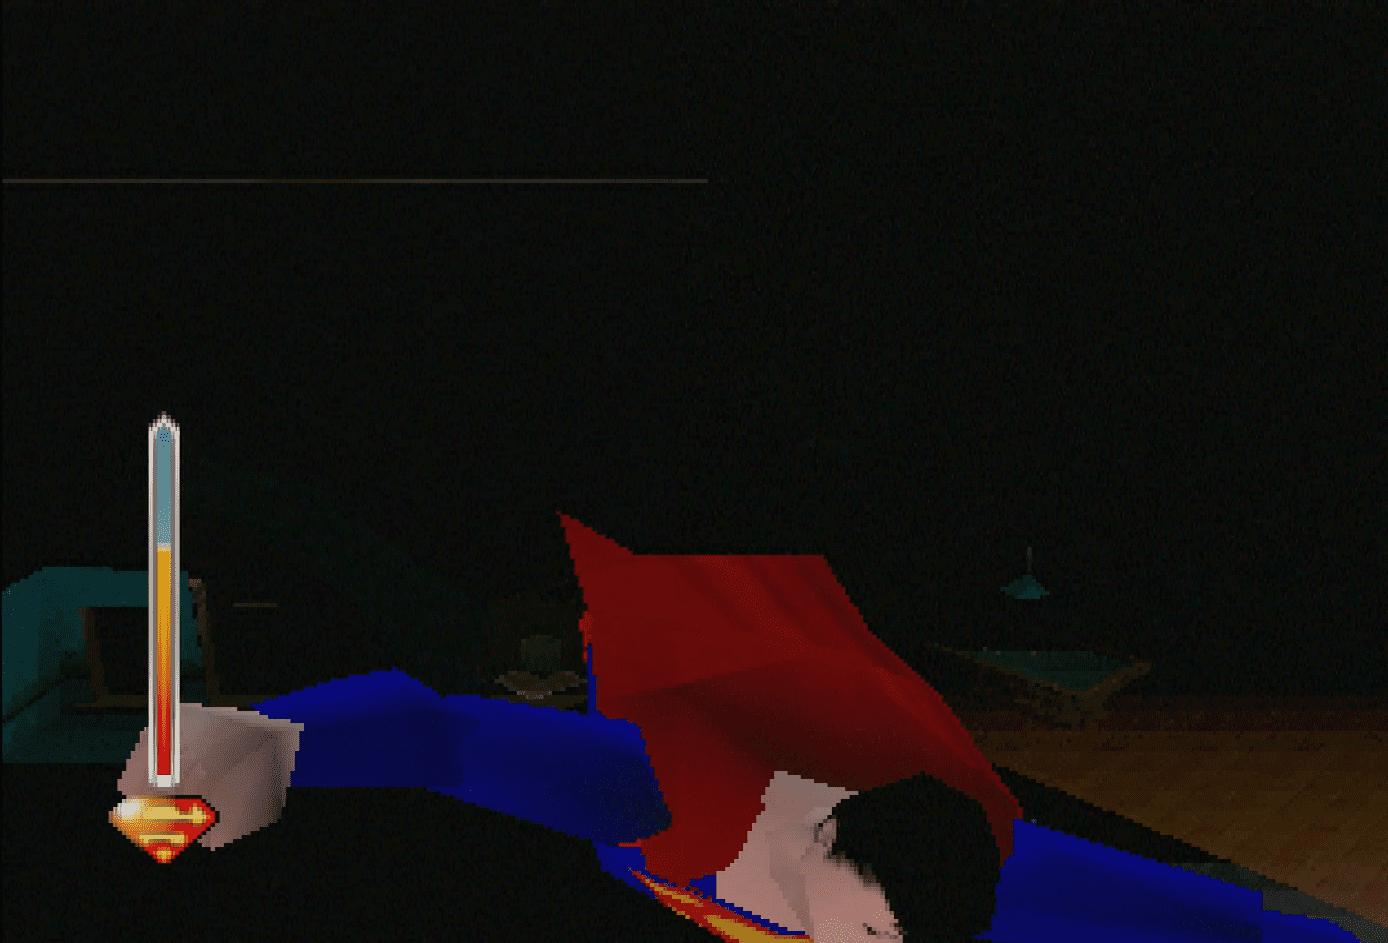 Superman Super Glitch